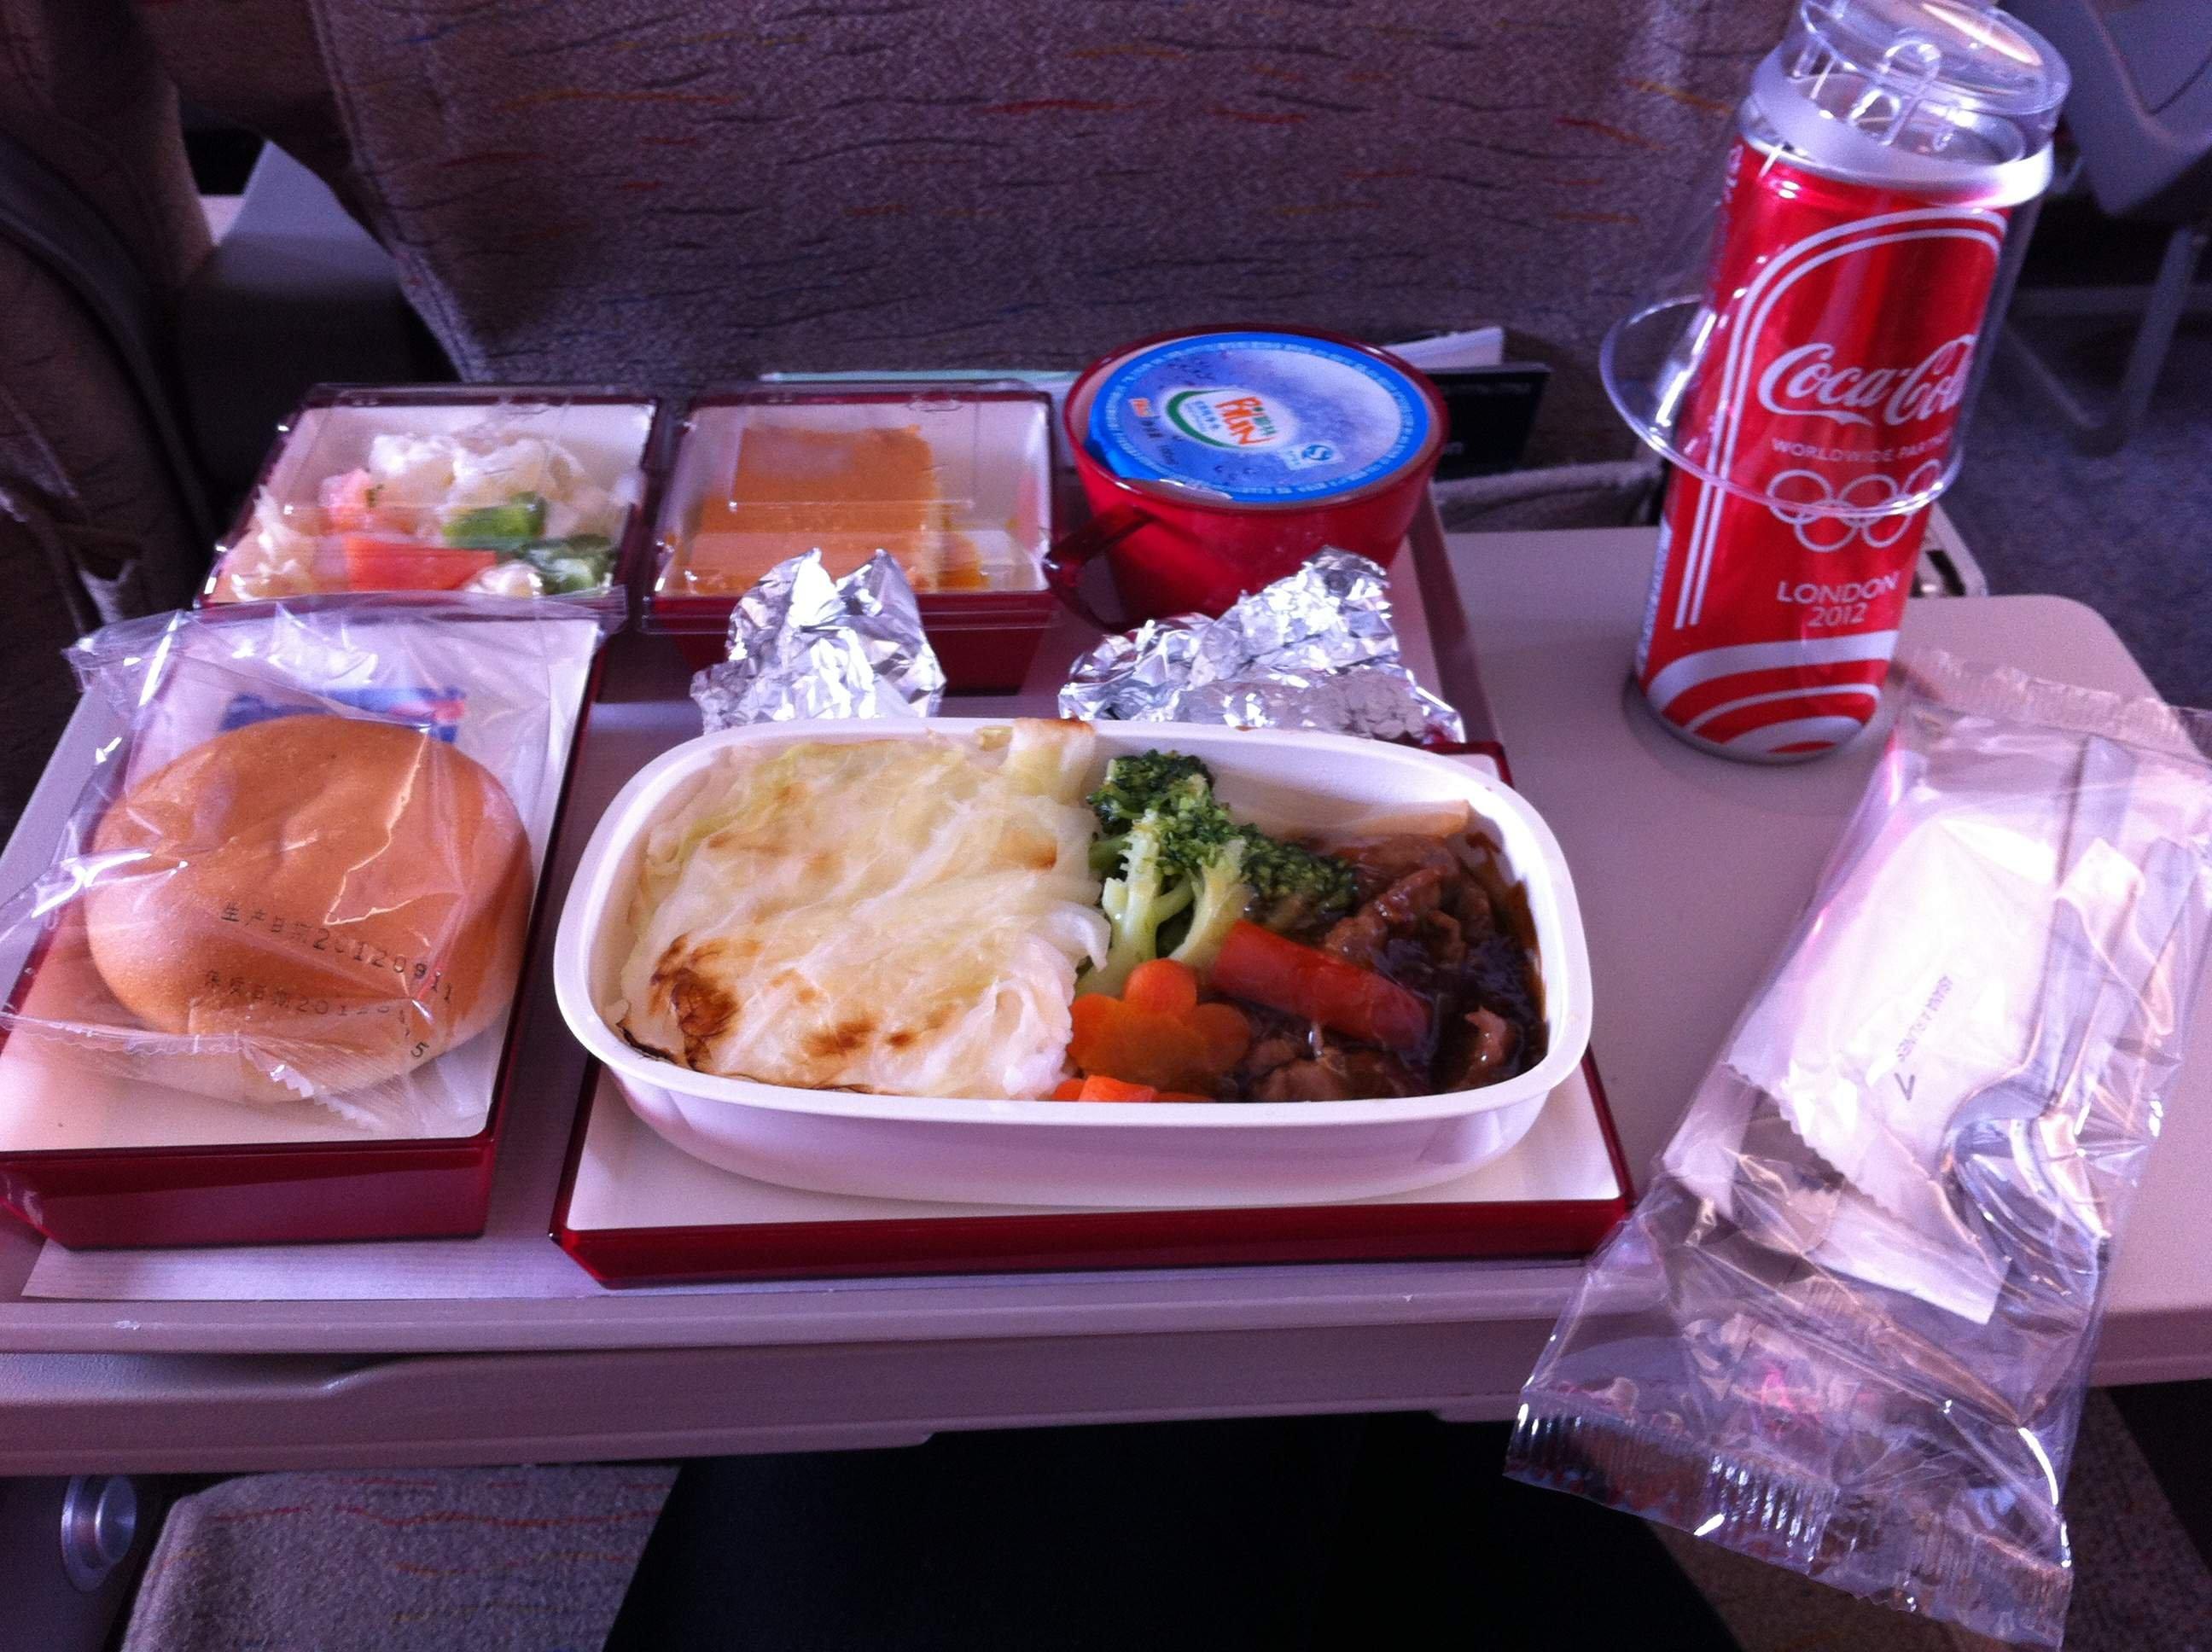 韩亚航空的飞机餐,还不错